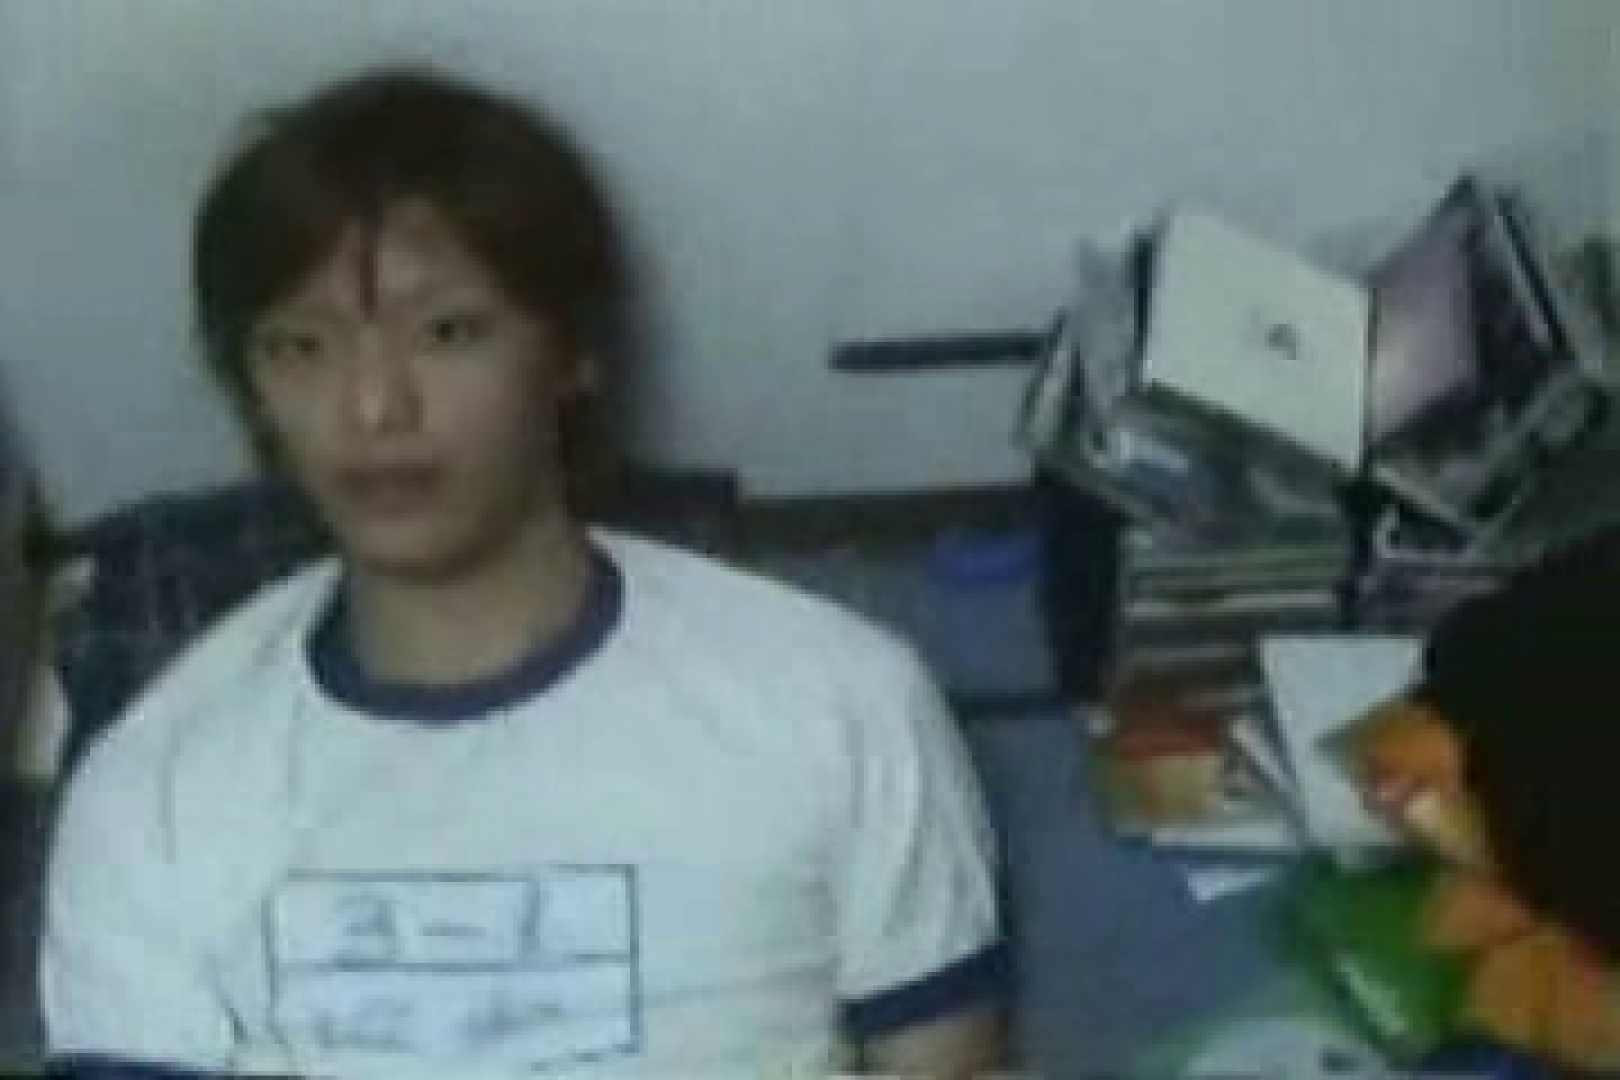 【流出】知られざる僕の秘密…vol.05 男・男 ゲイAV画像 88pic 86